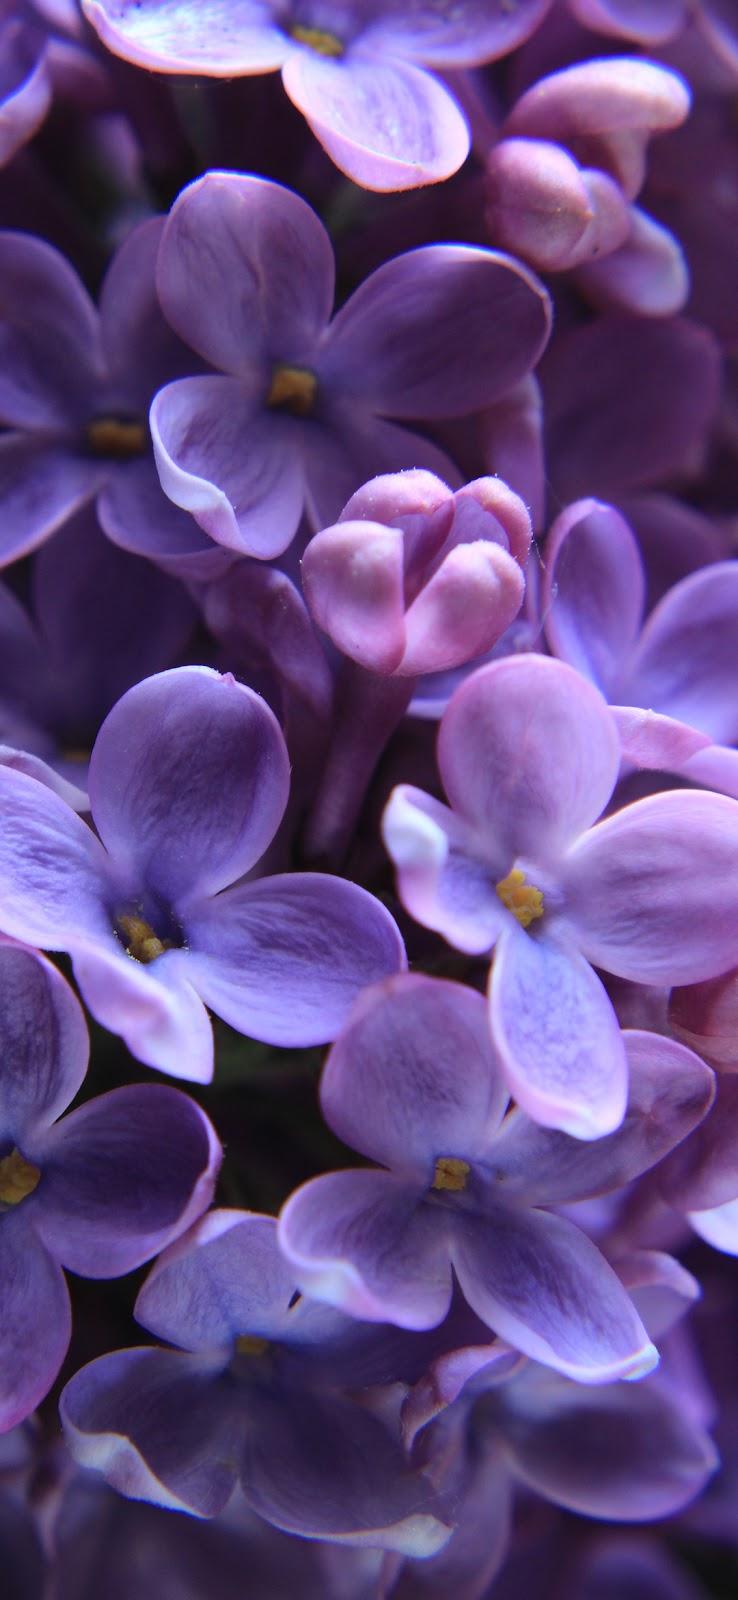 Beautiful tiny purple roses wallpaper